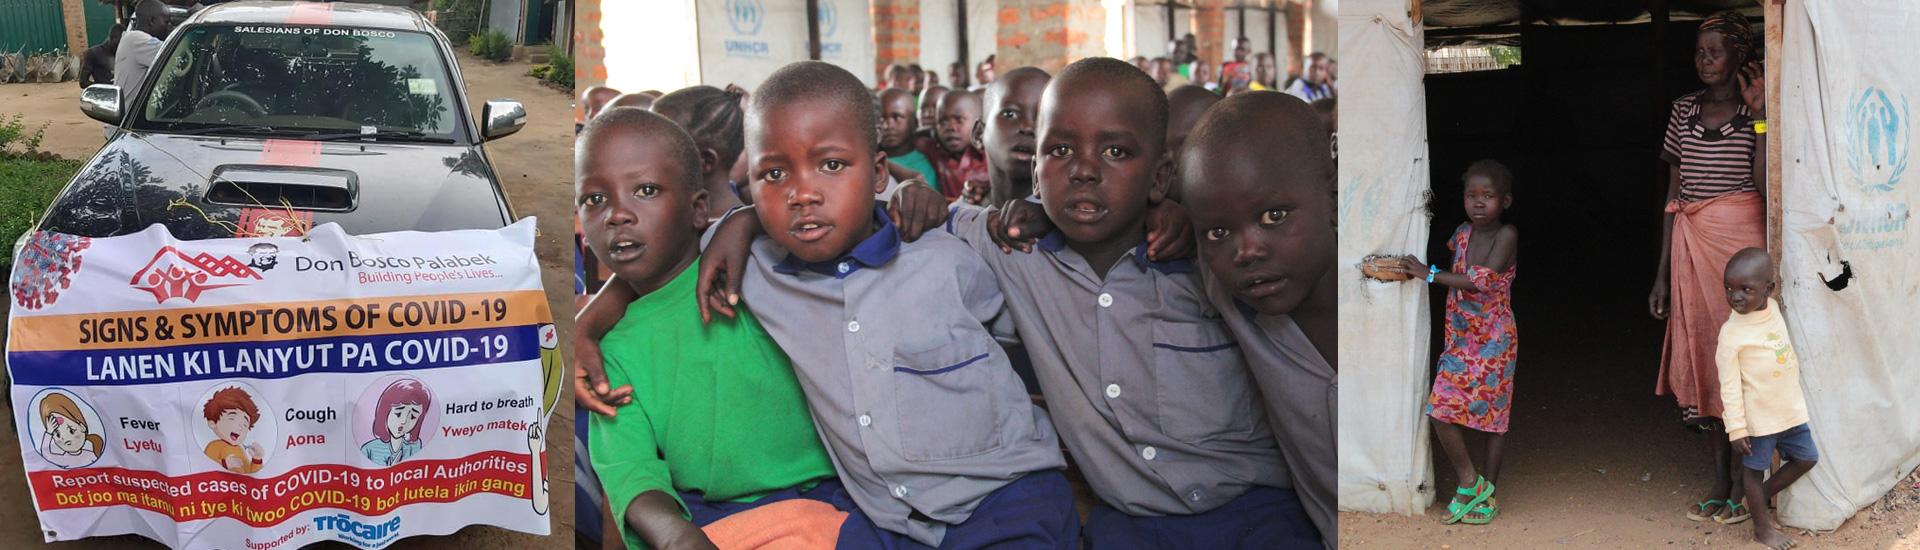 Día Mundial de los Refugiados: más de 71 millones de personas no pueden quedarse solas